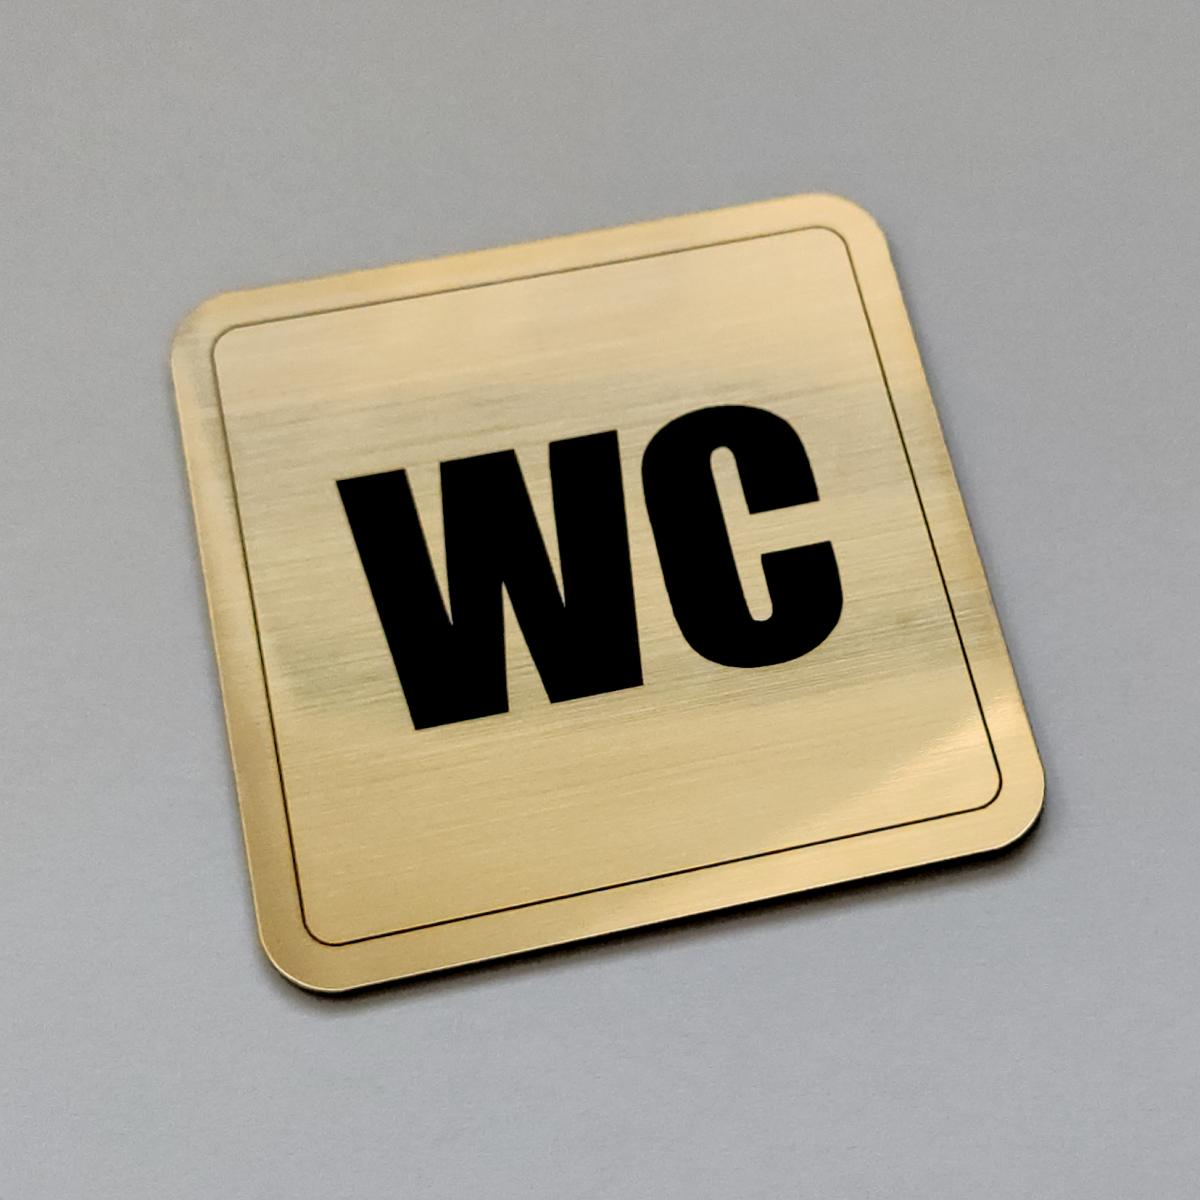 tabulka-s-oznacenim-wc3